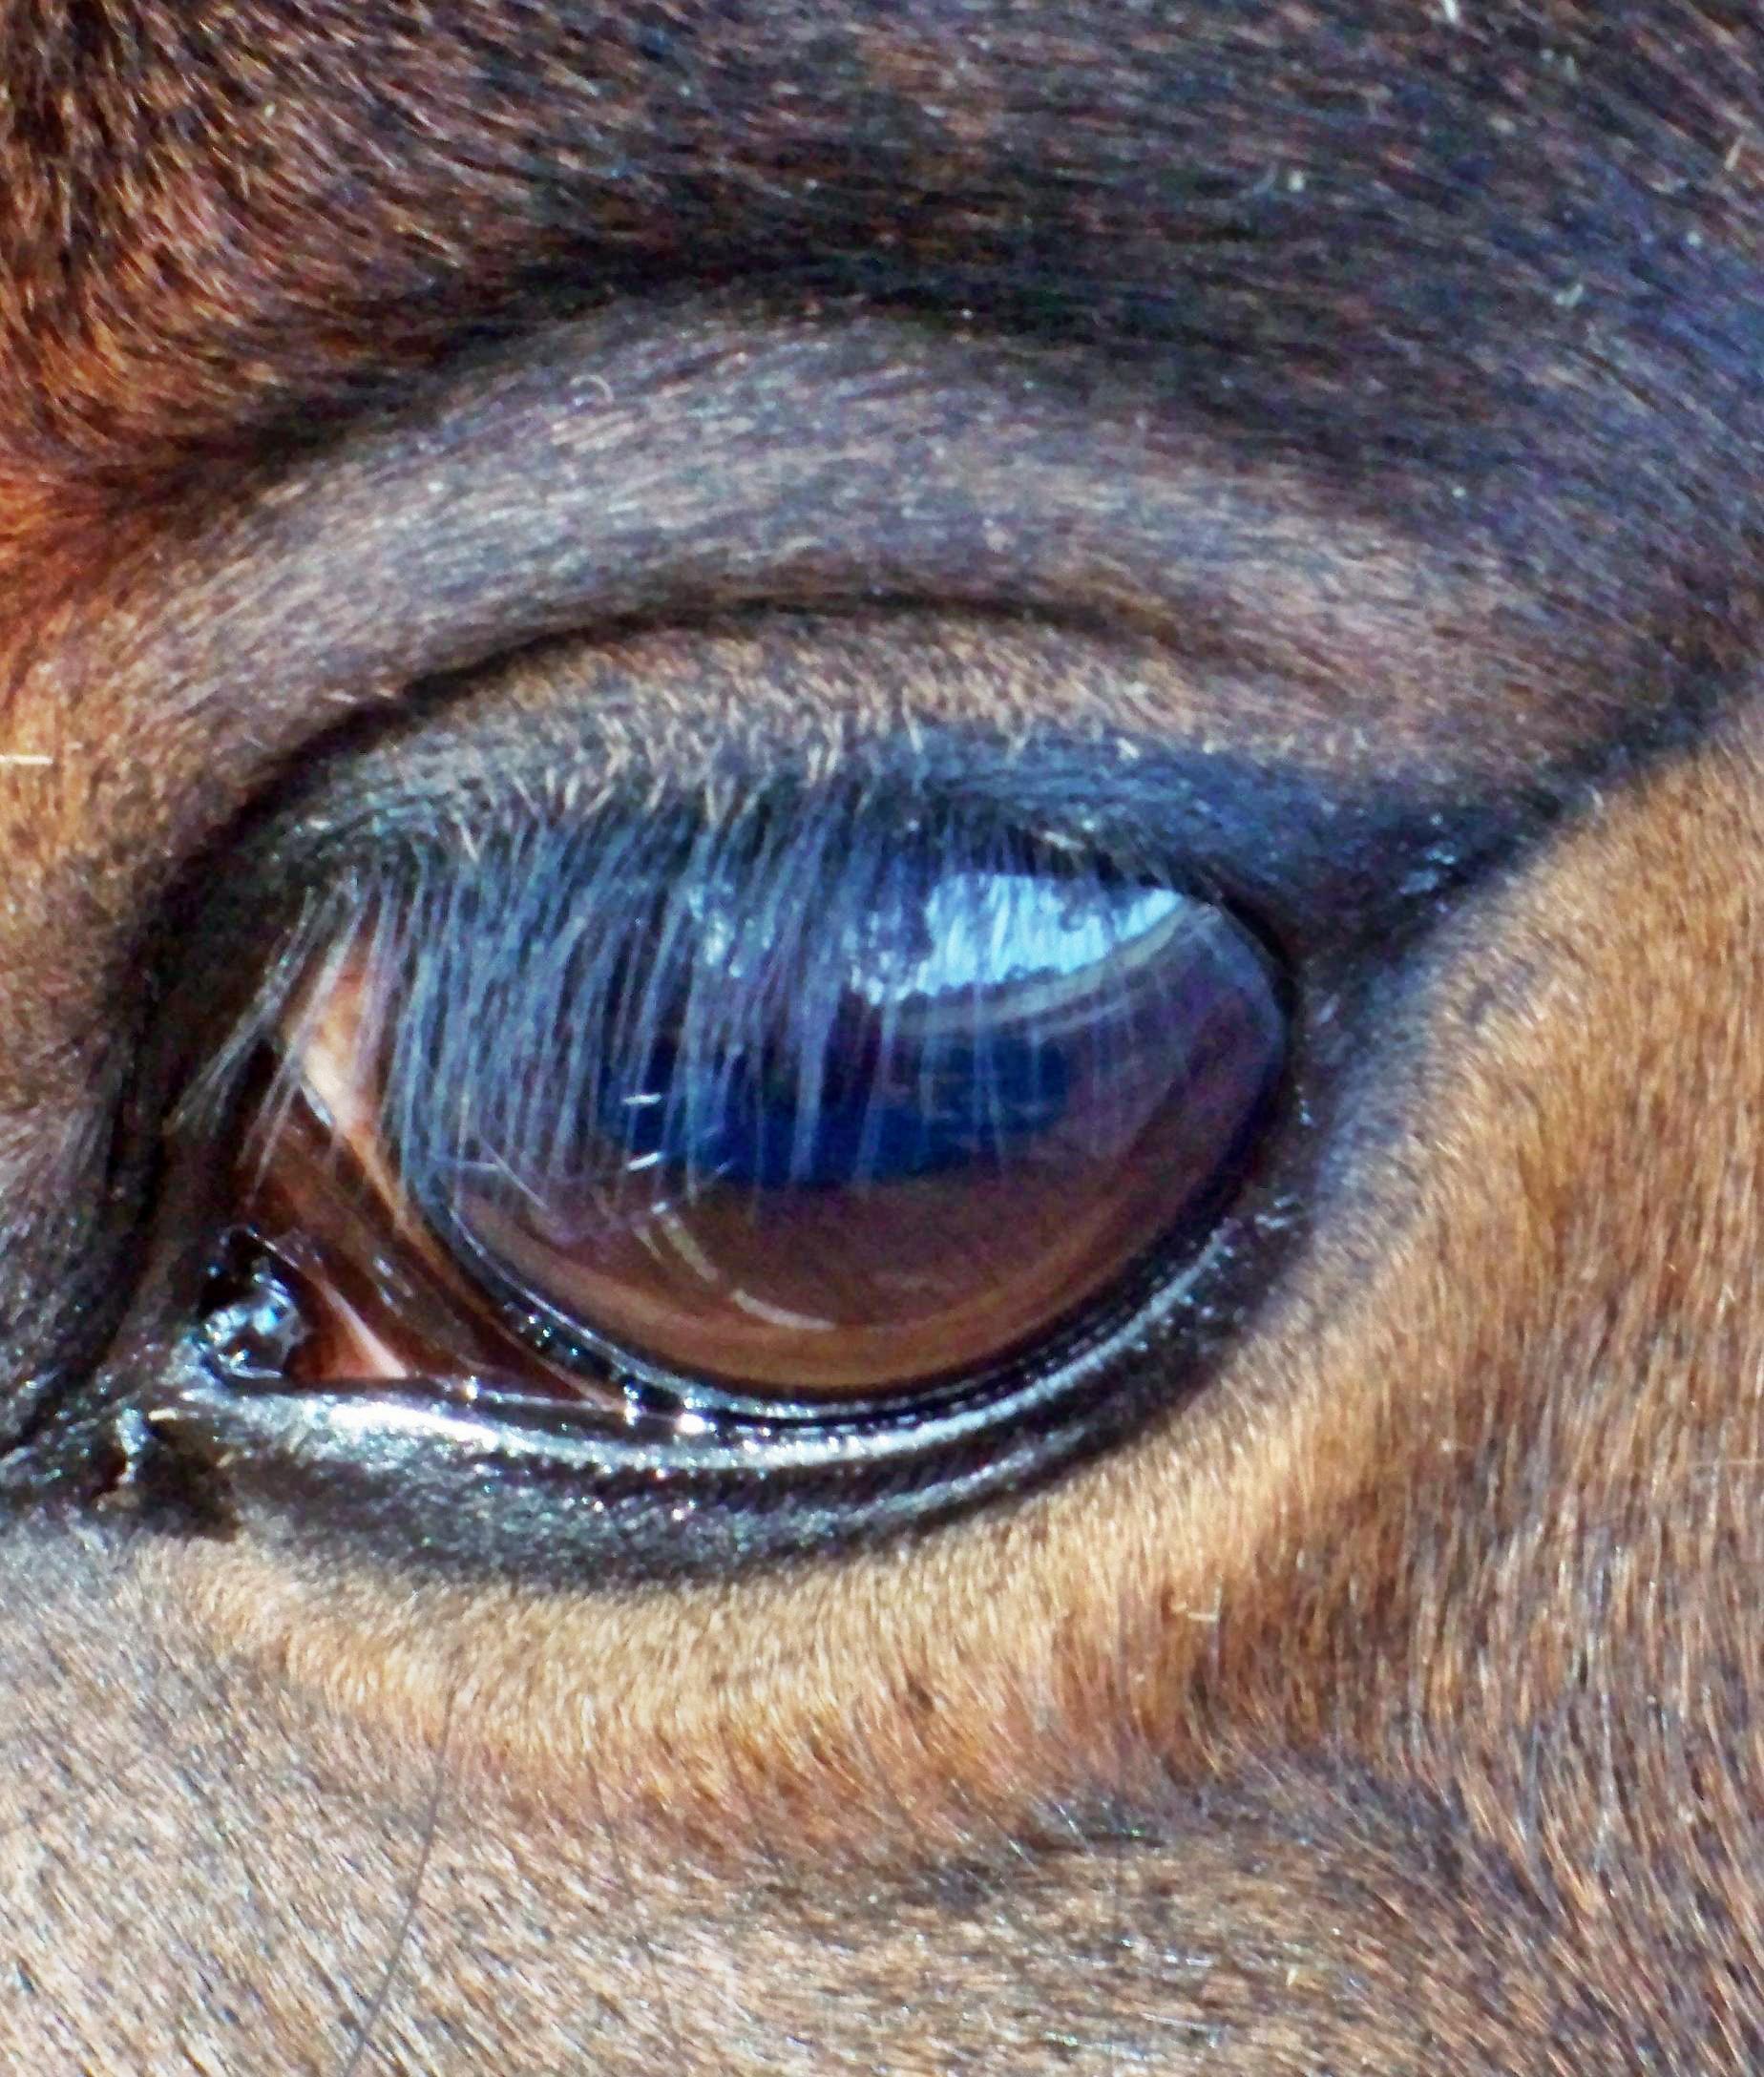 Benitos-eye-3.jpeg